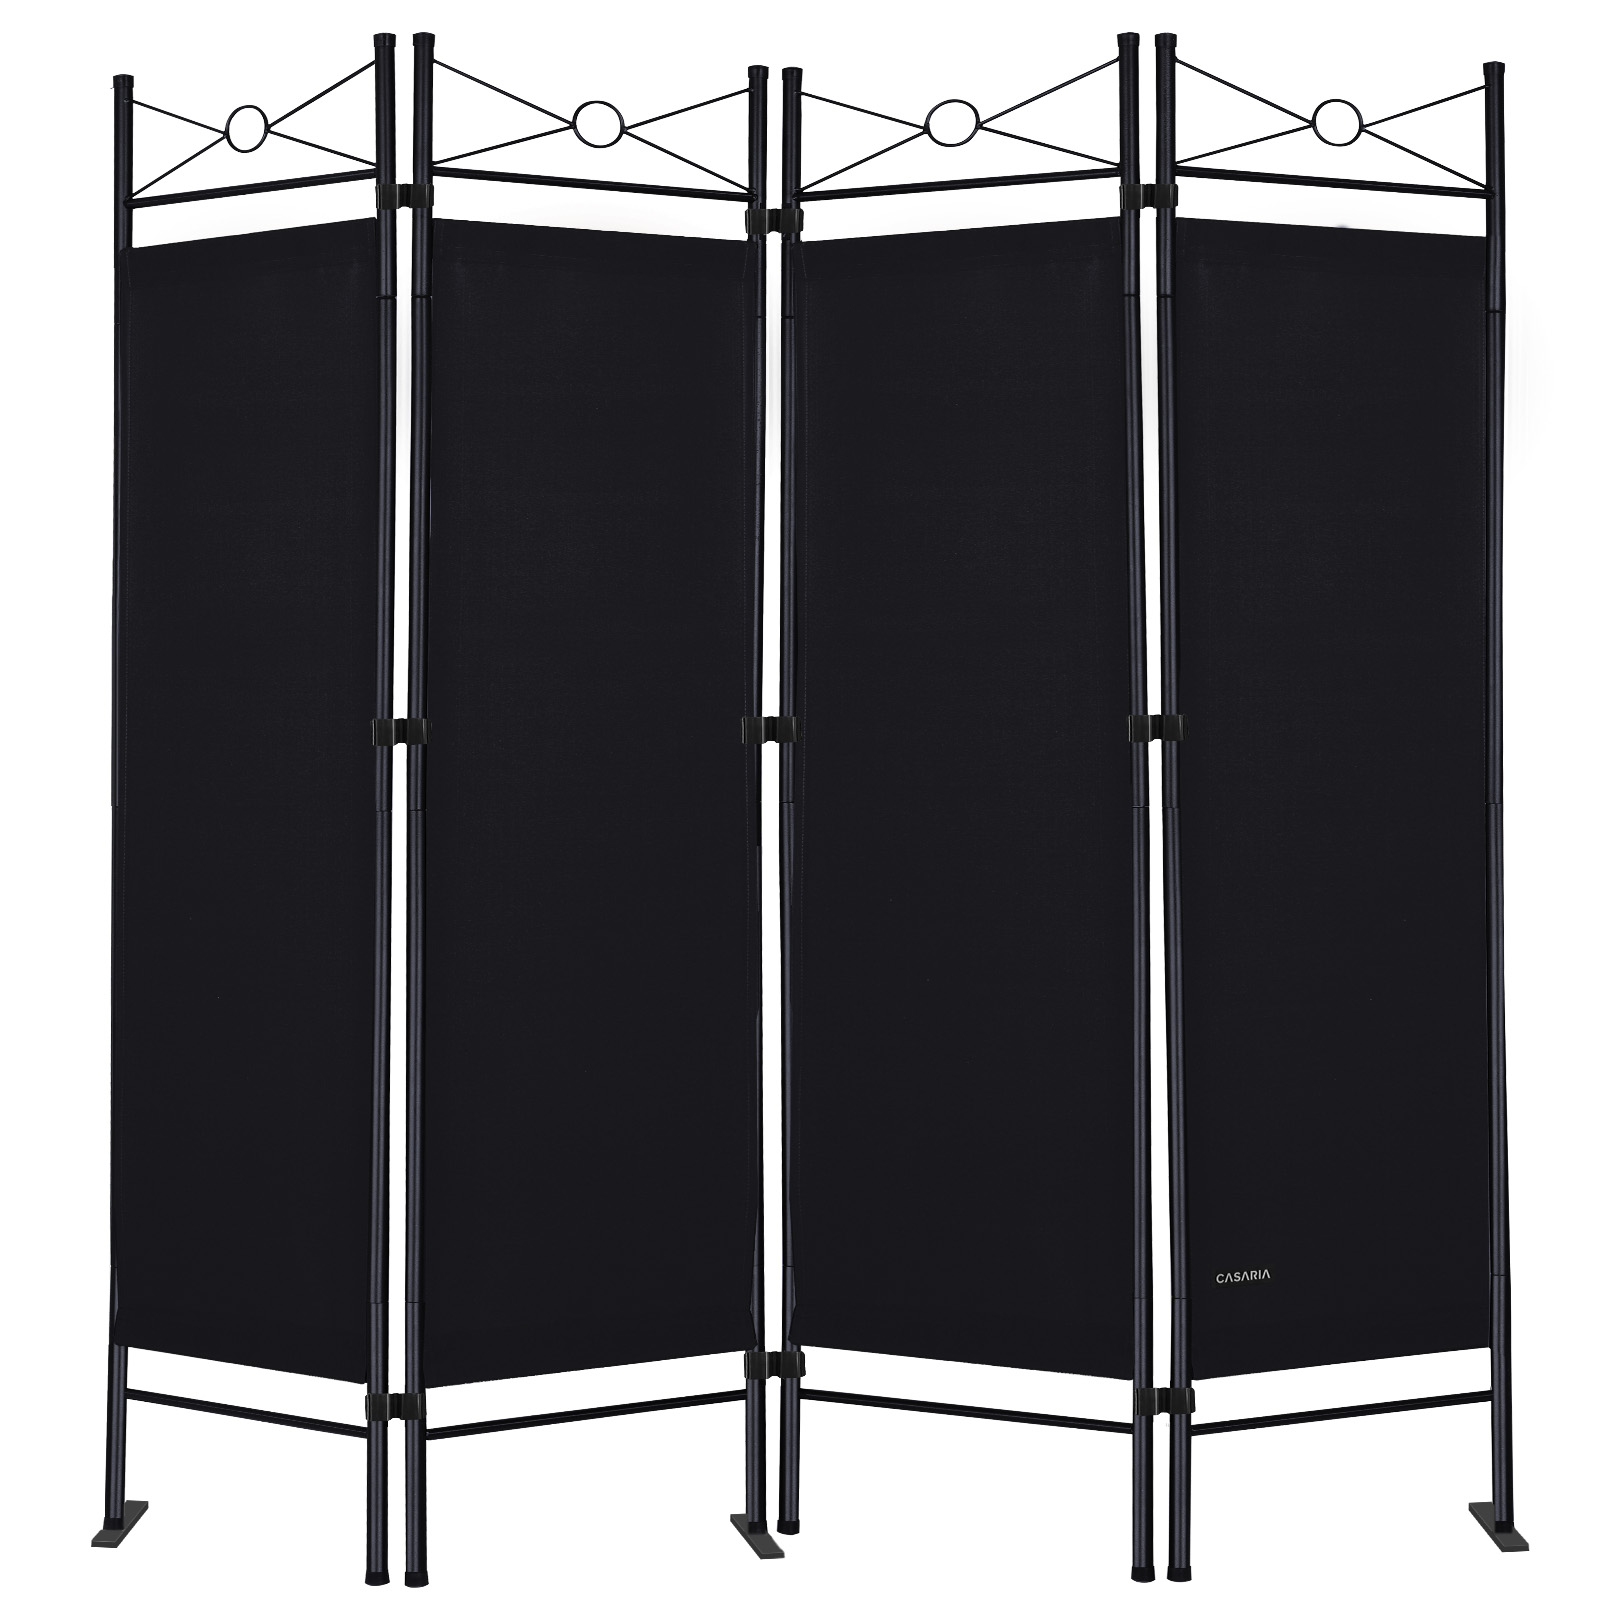 paravent noir 4 panneaux cadre en m tal laqu cloison 180x163cm pare vue ebay. Black Bedroom Furniture Sets. Home Design Ideas